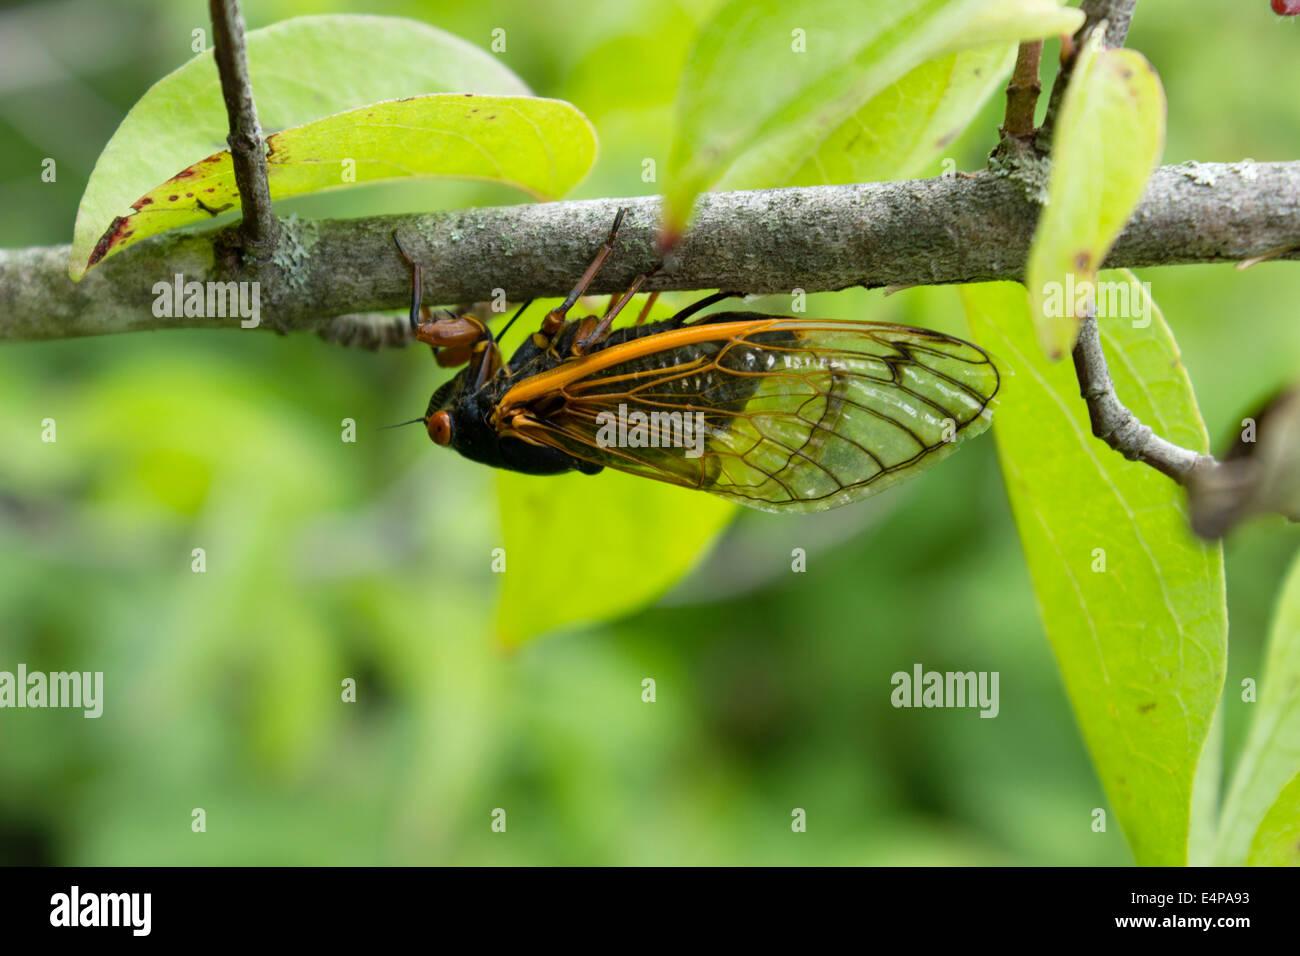 A Periodical Cicada in Central Iowa. - Stock Image